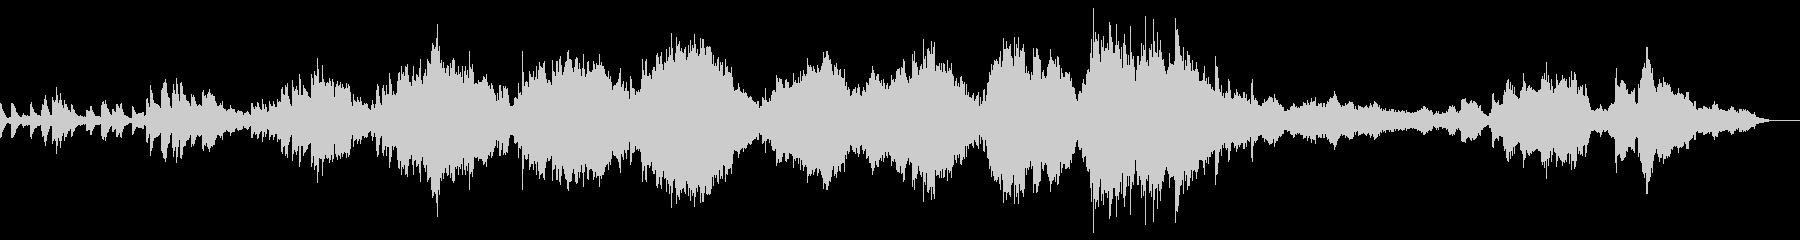 優しい音色のピアノシンフォニーの未再生の波形